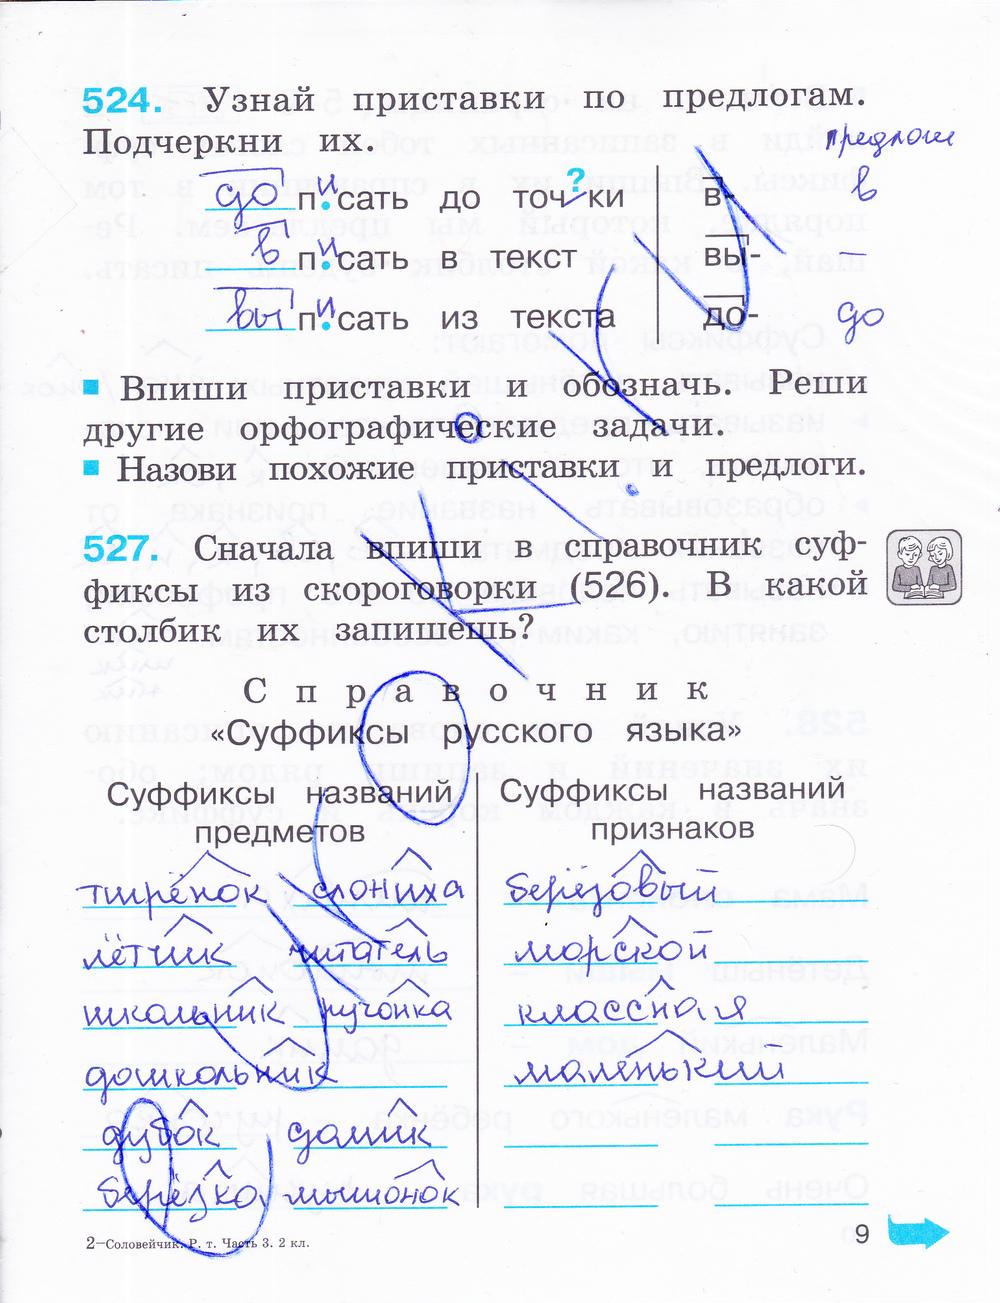 И языку соловейчик решебник русскому класс 2 2 кузьменко часть